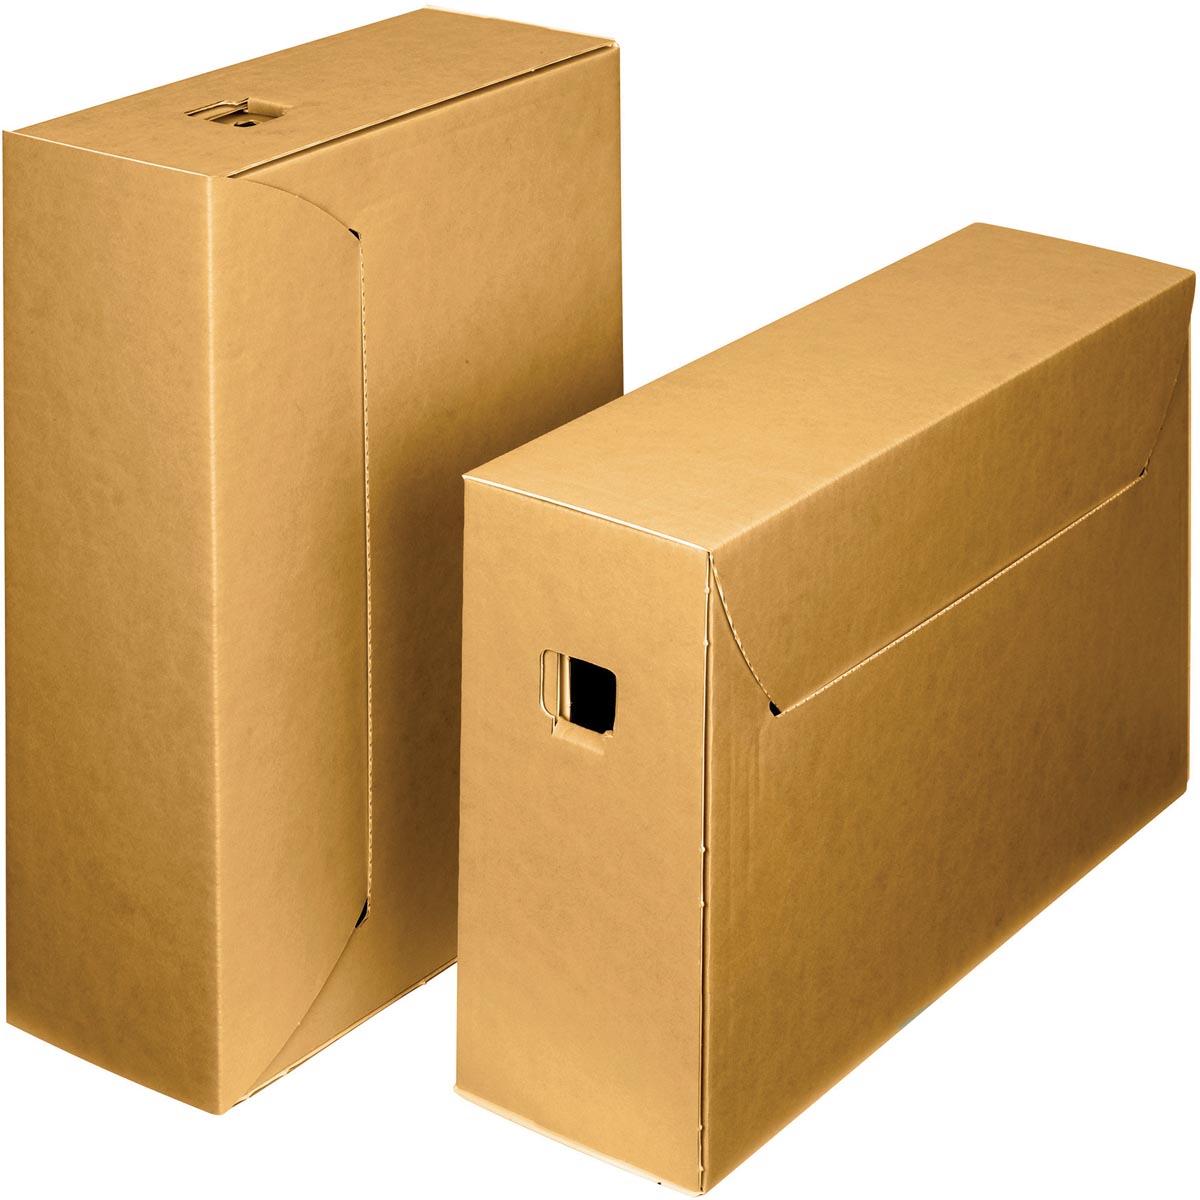 Loeff's archiefdoos City box 10+, ft 390 x 260 x 115 mm, bruin/wit, pak van 50 stuks